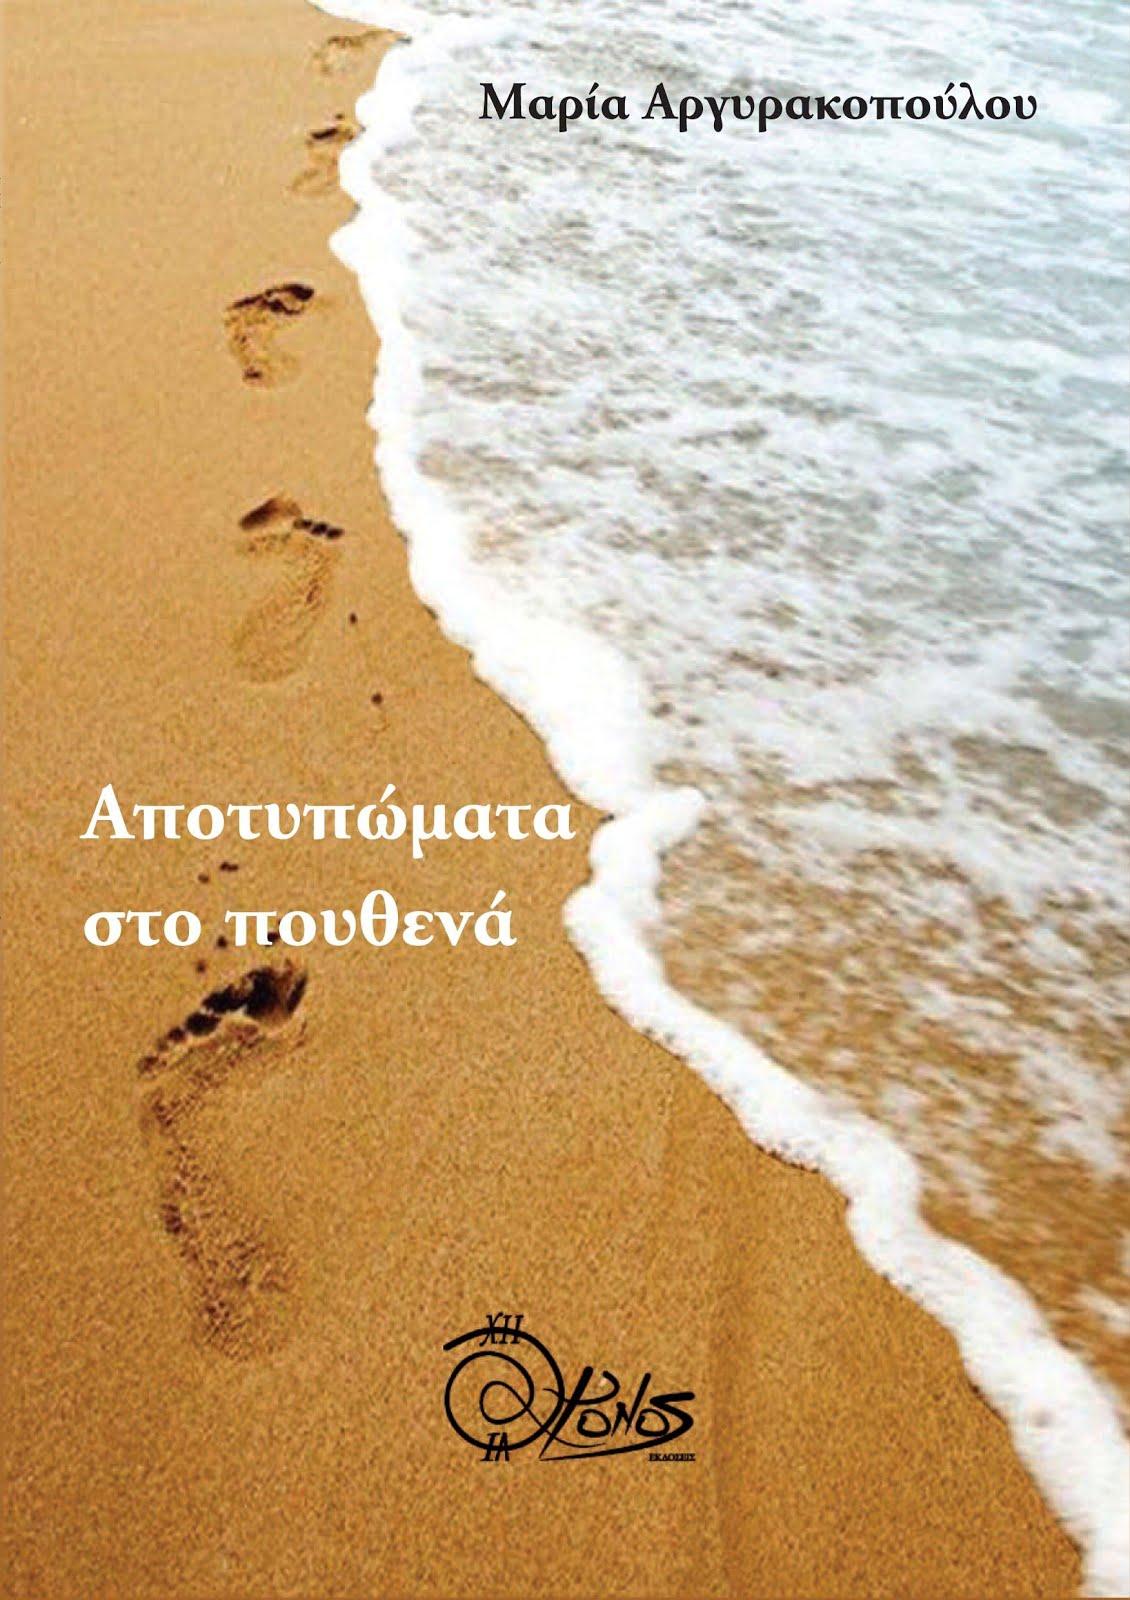 Μαρία Αργυρακοπούλου / Αποτυπώματα στο πουθενά